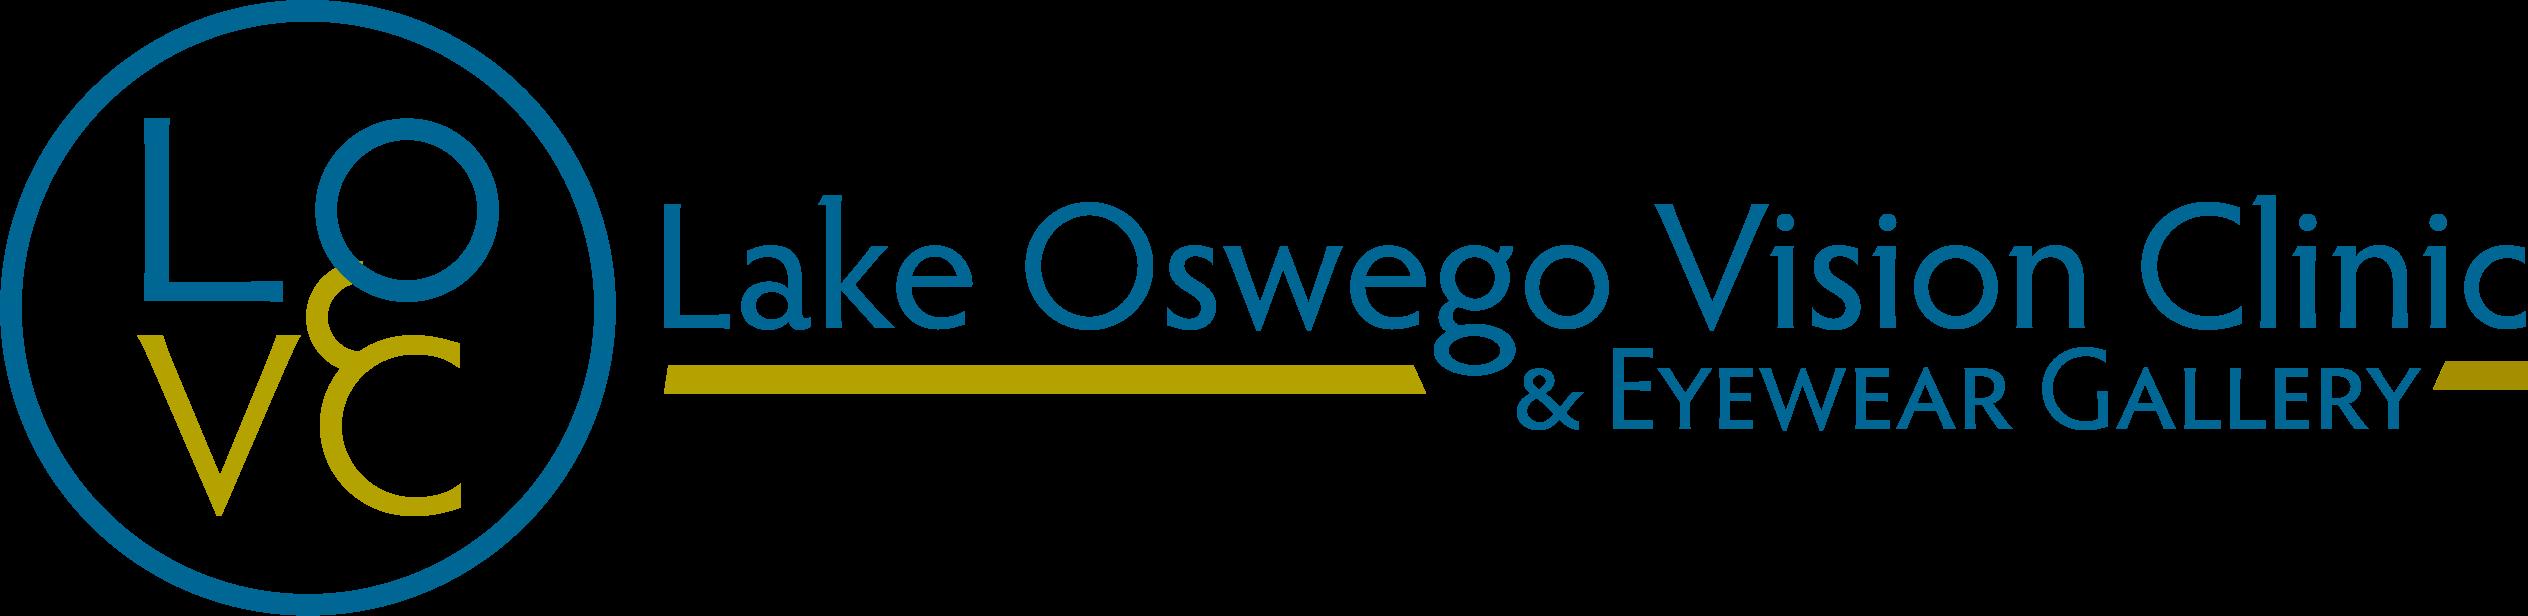 Lake Oswego Vision Clinic